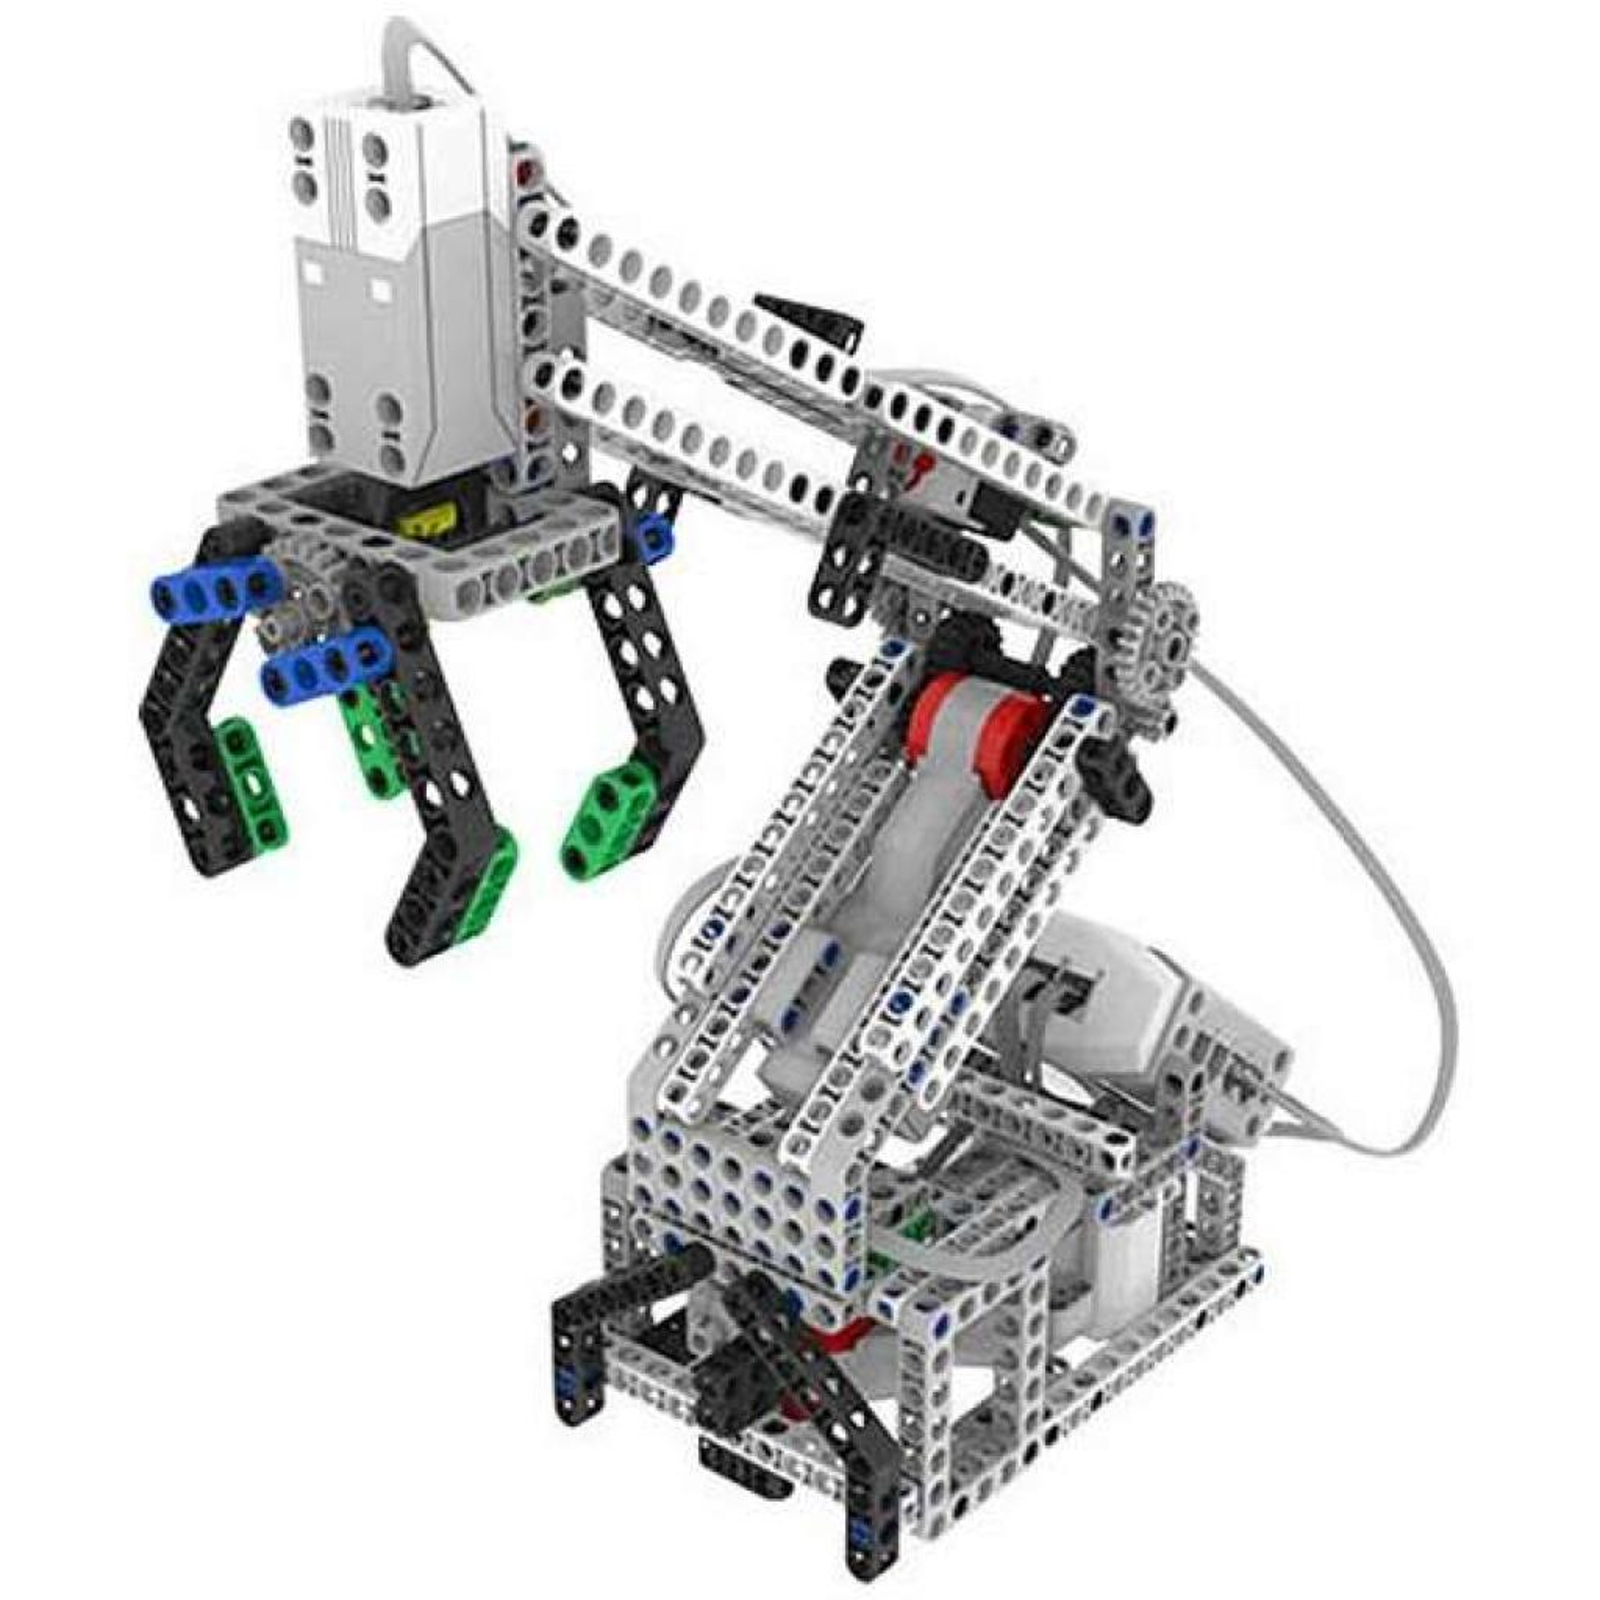 Робот Abilix Krypton 5 (Krypton_5) изображение 4